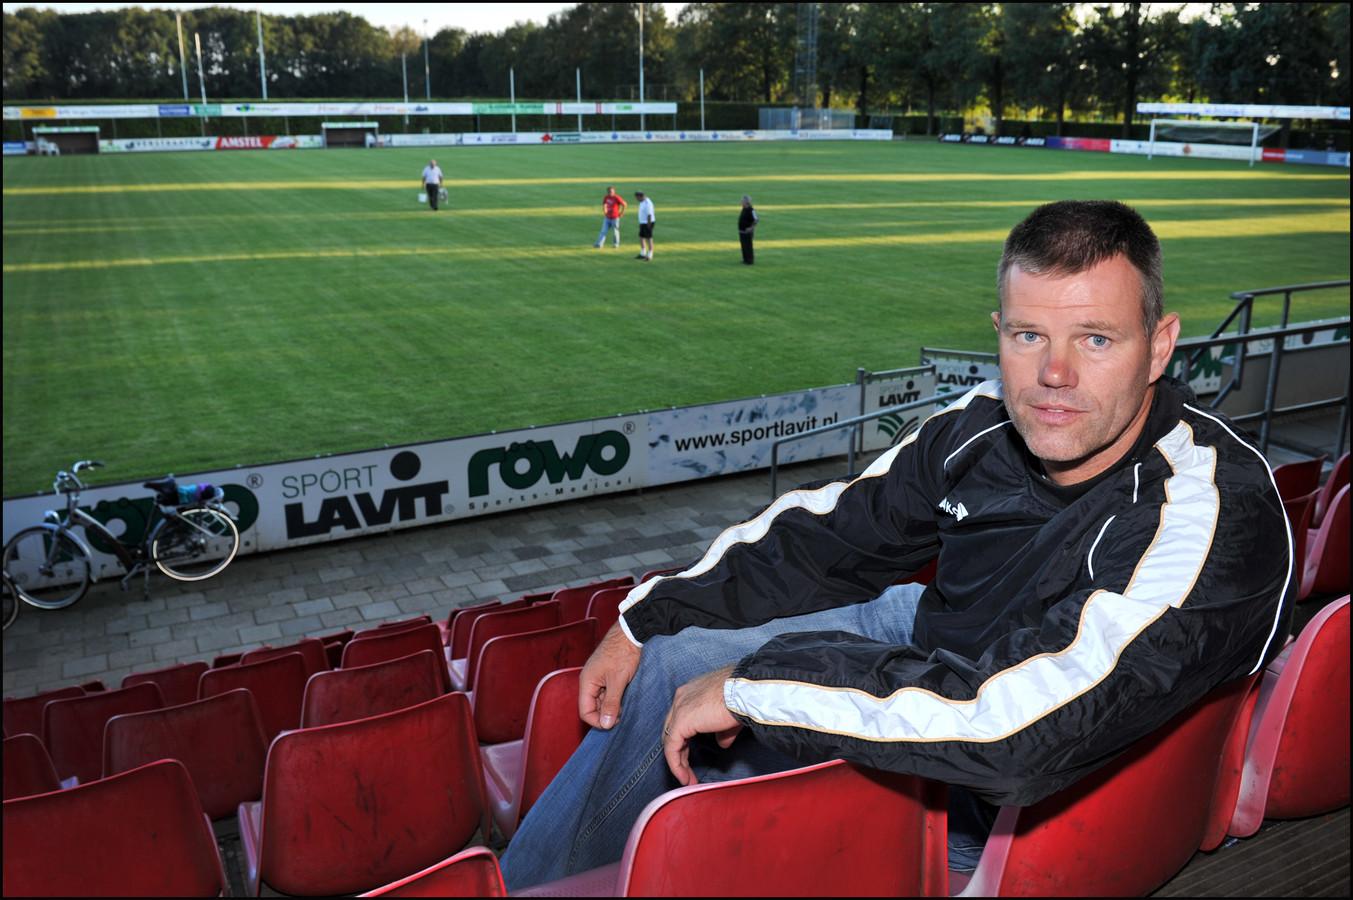 Archiefbeeld: Coach Henk Evers.